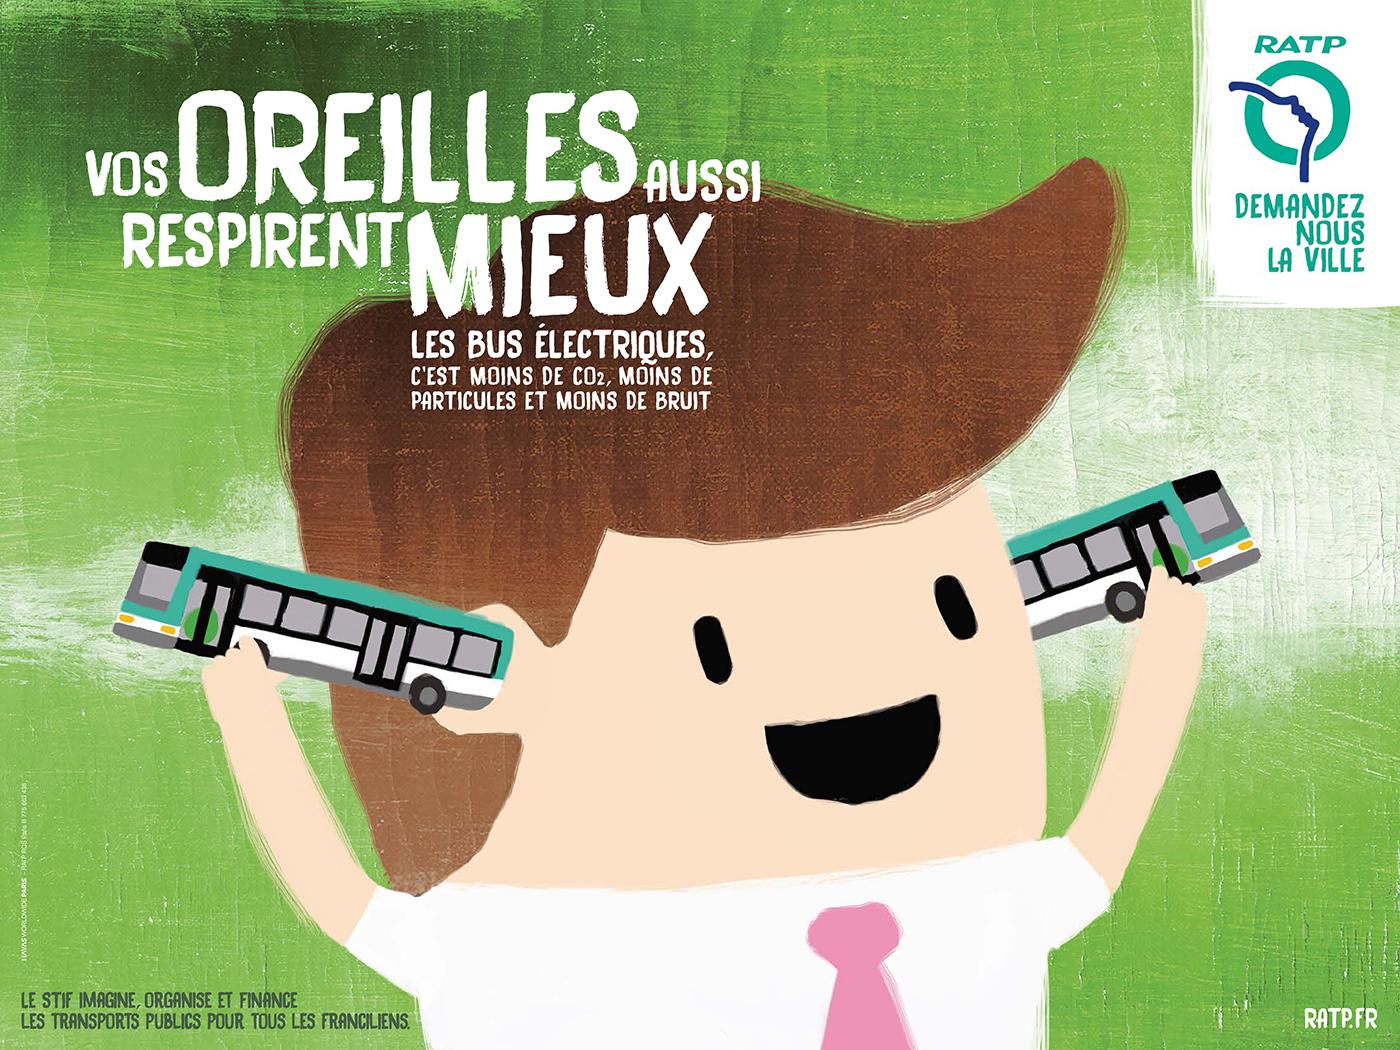 ratp-publicite-affichage-environnement-COP21-STIF-franciliens-demandez-nous-la-ville-agence-havas-paris-7